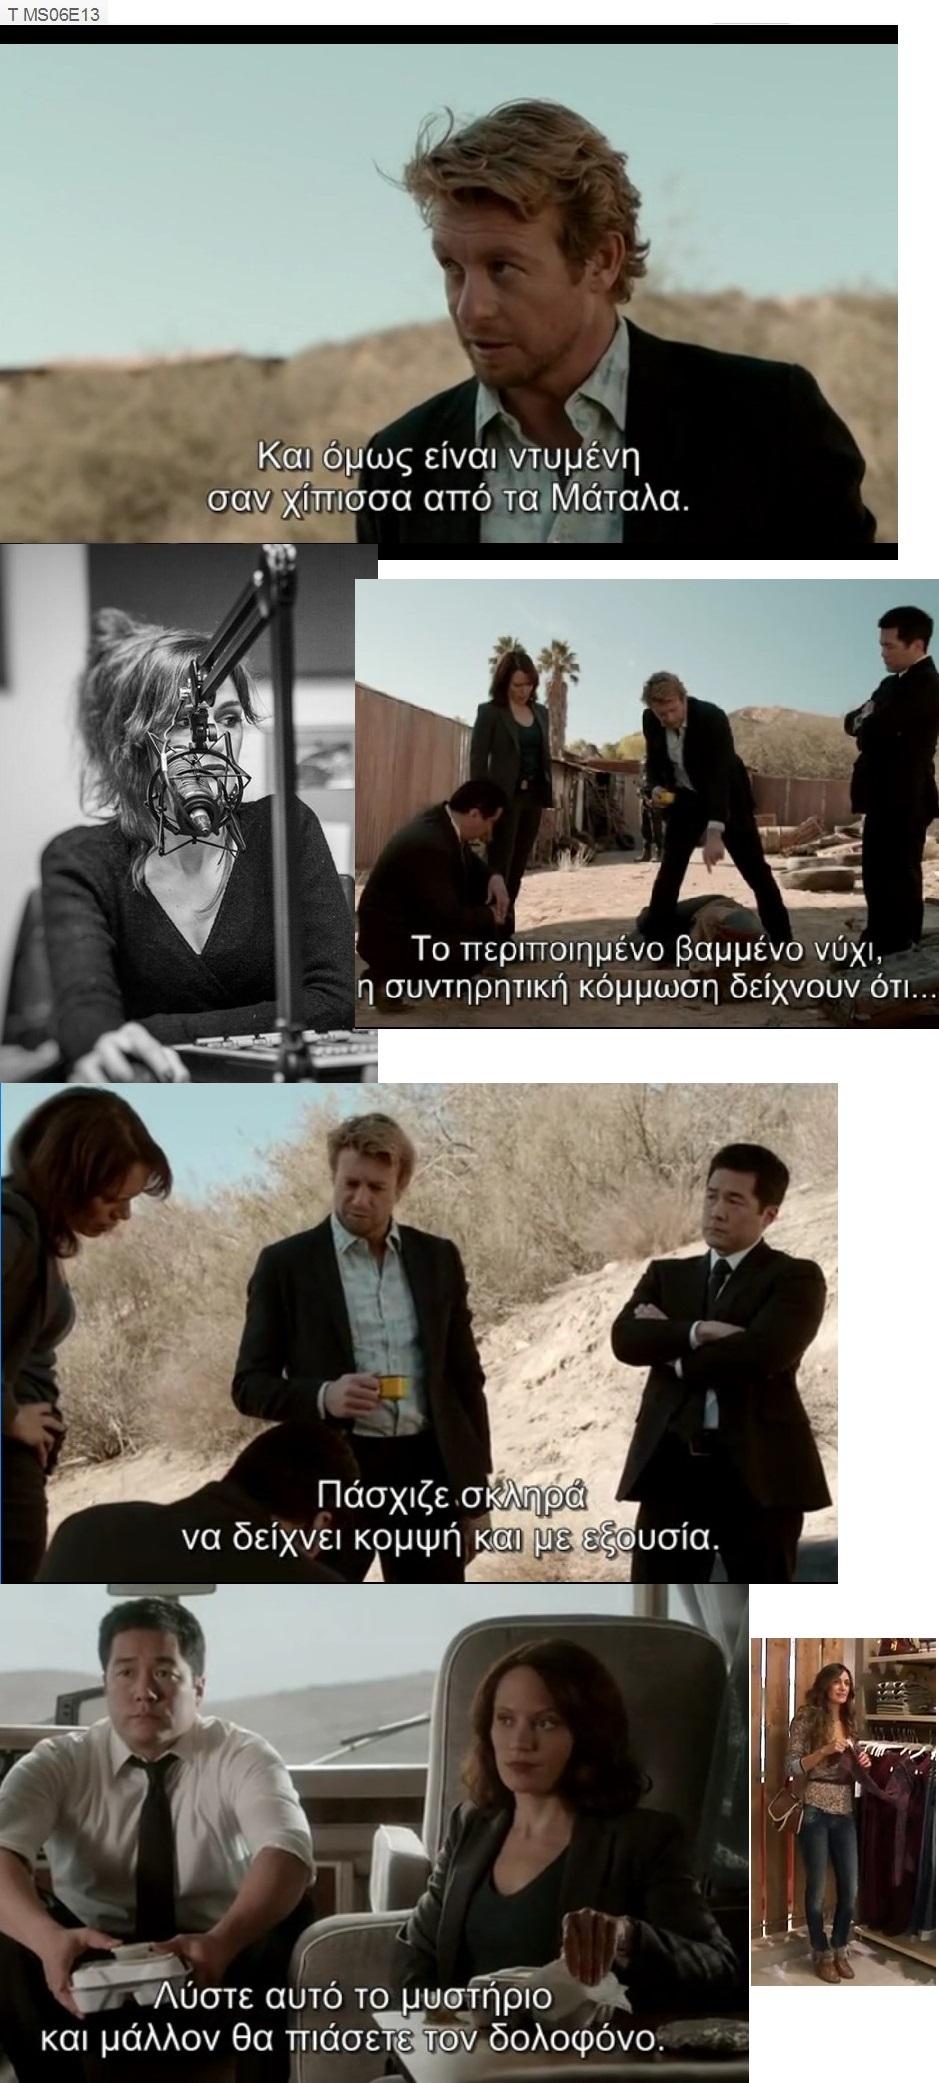 THE MENTALIST S06E13 01 101115